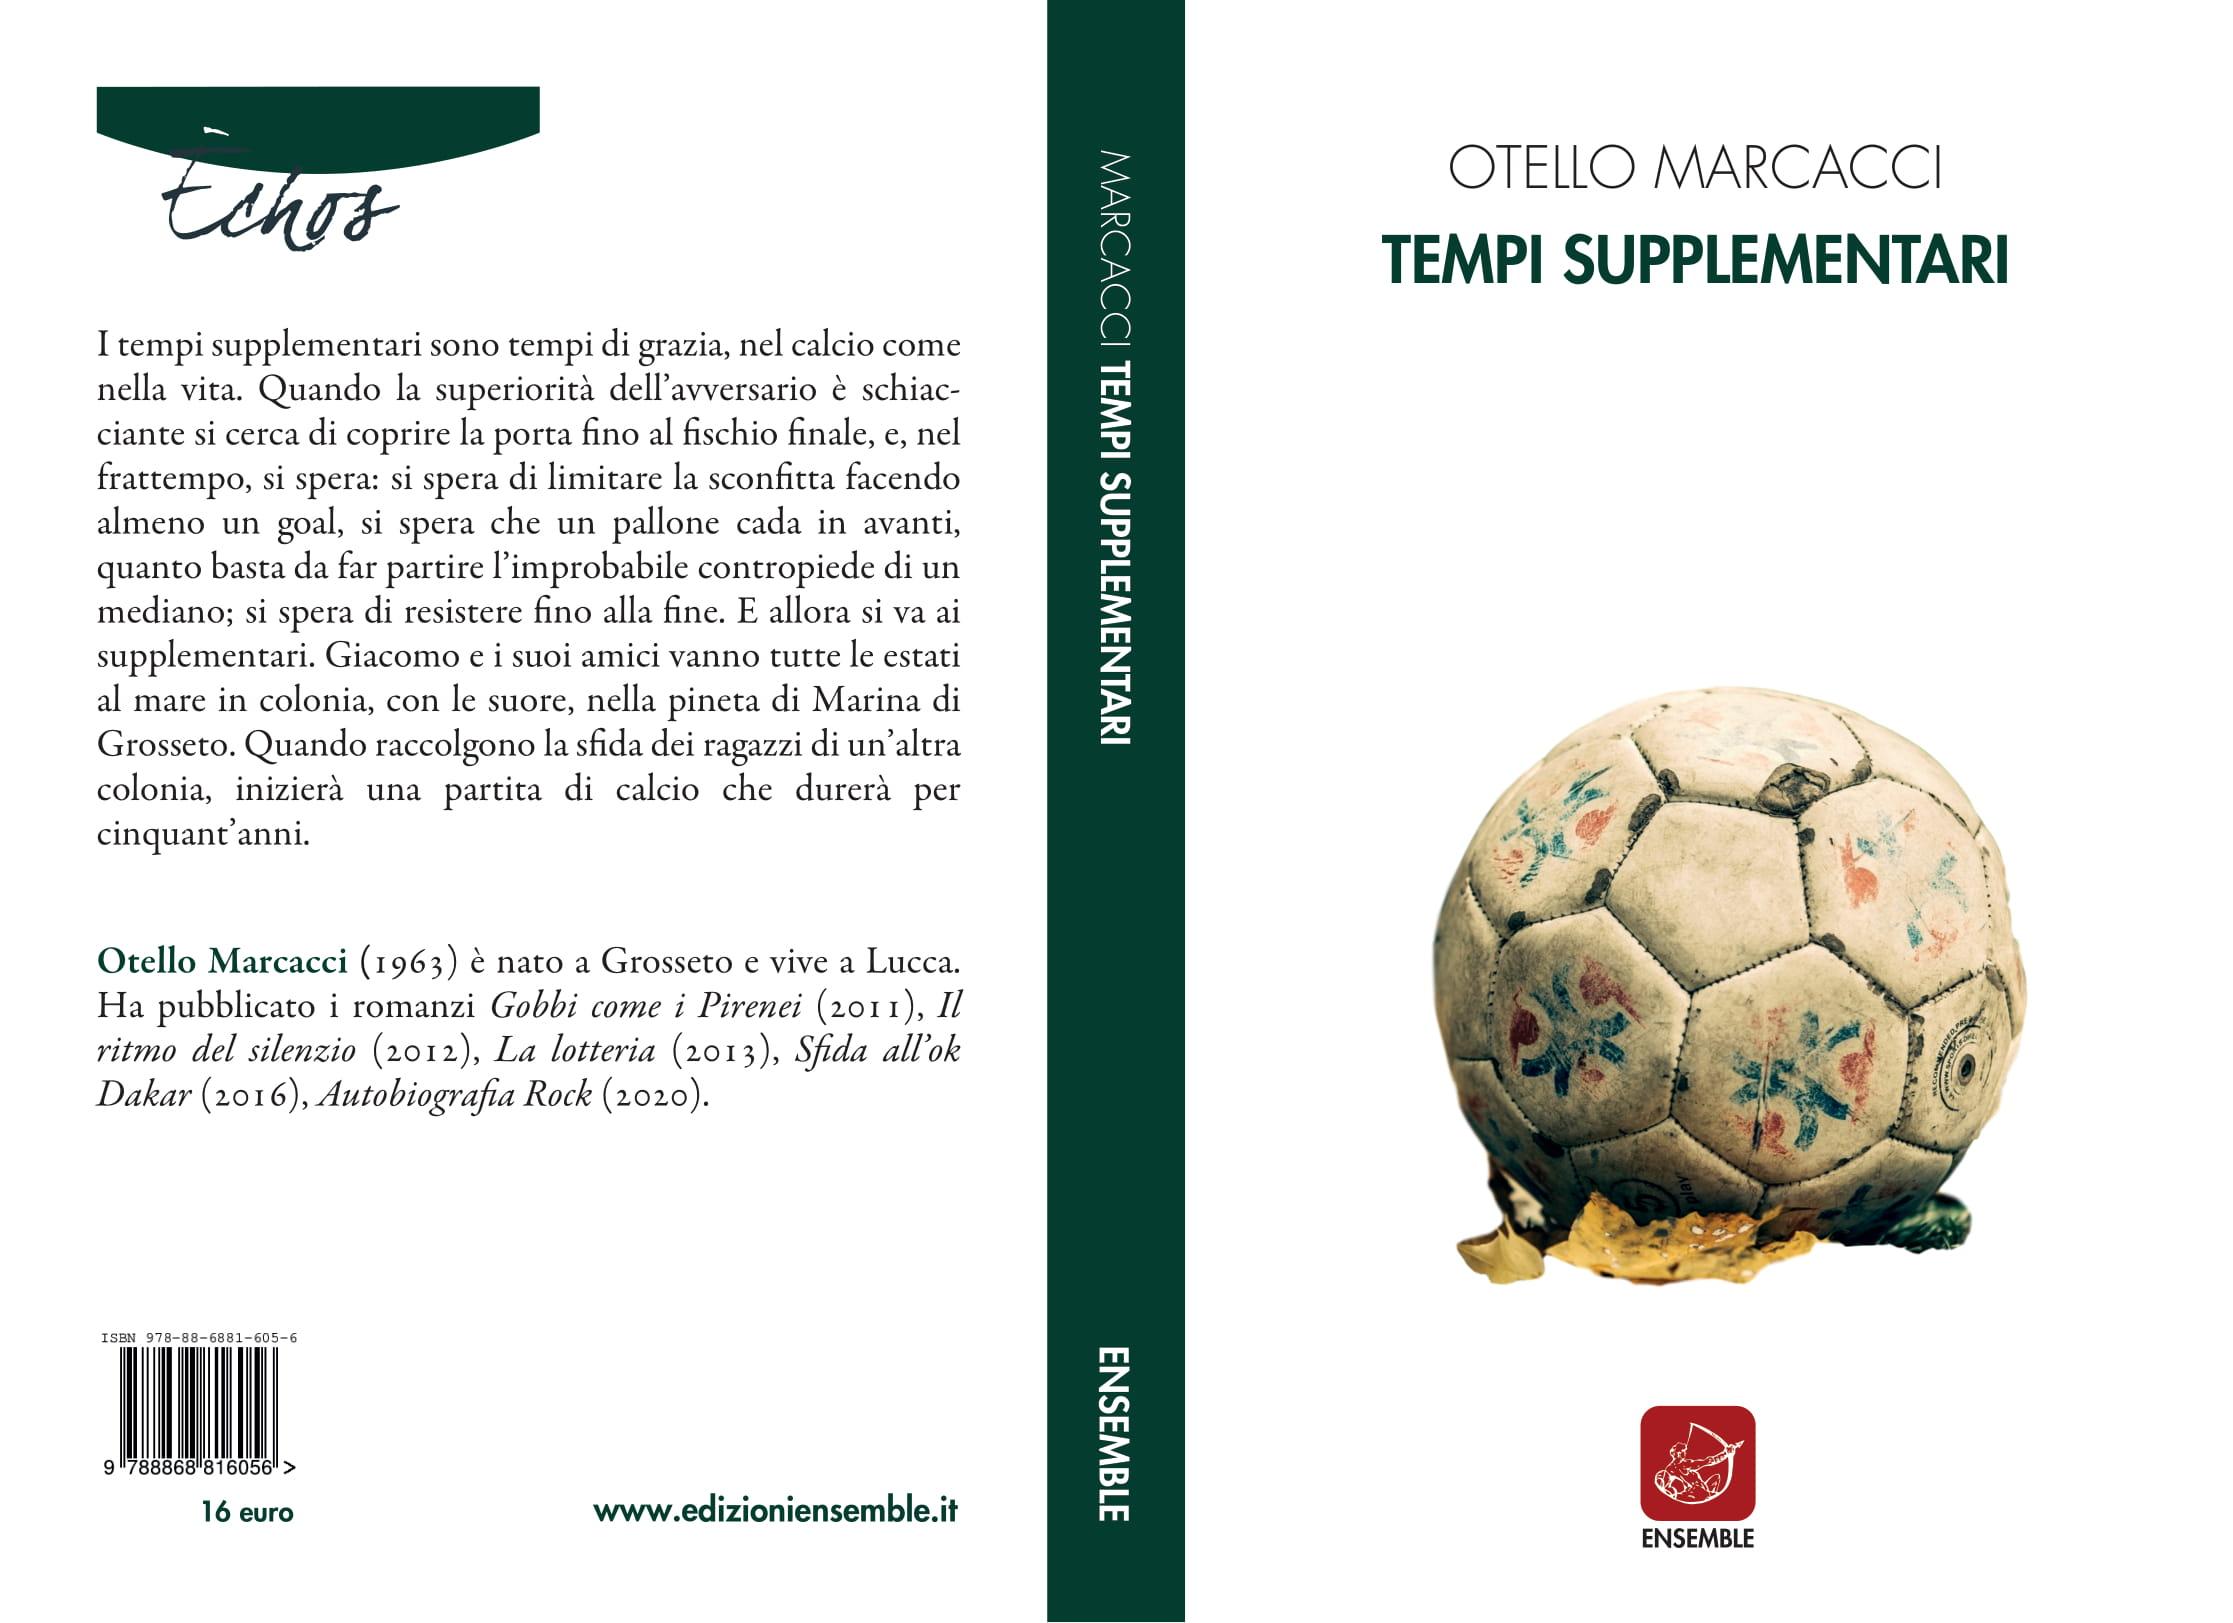 """Segnalazione: """"Tempi supplementari"""" di Otello Marcacci edito da Edizioni Ensemble. Dal 25 Marzo 2020 in tutte le librerie e on-line. Estratto."""